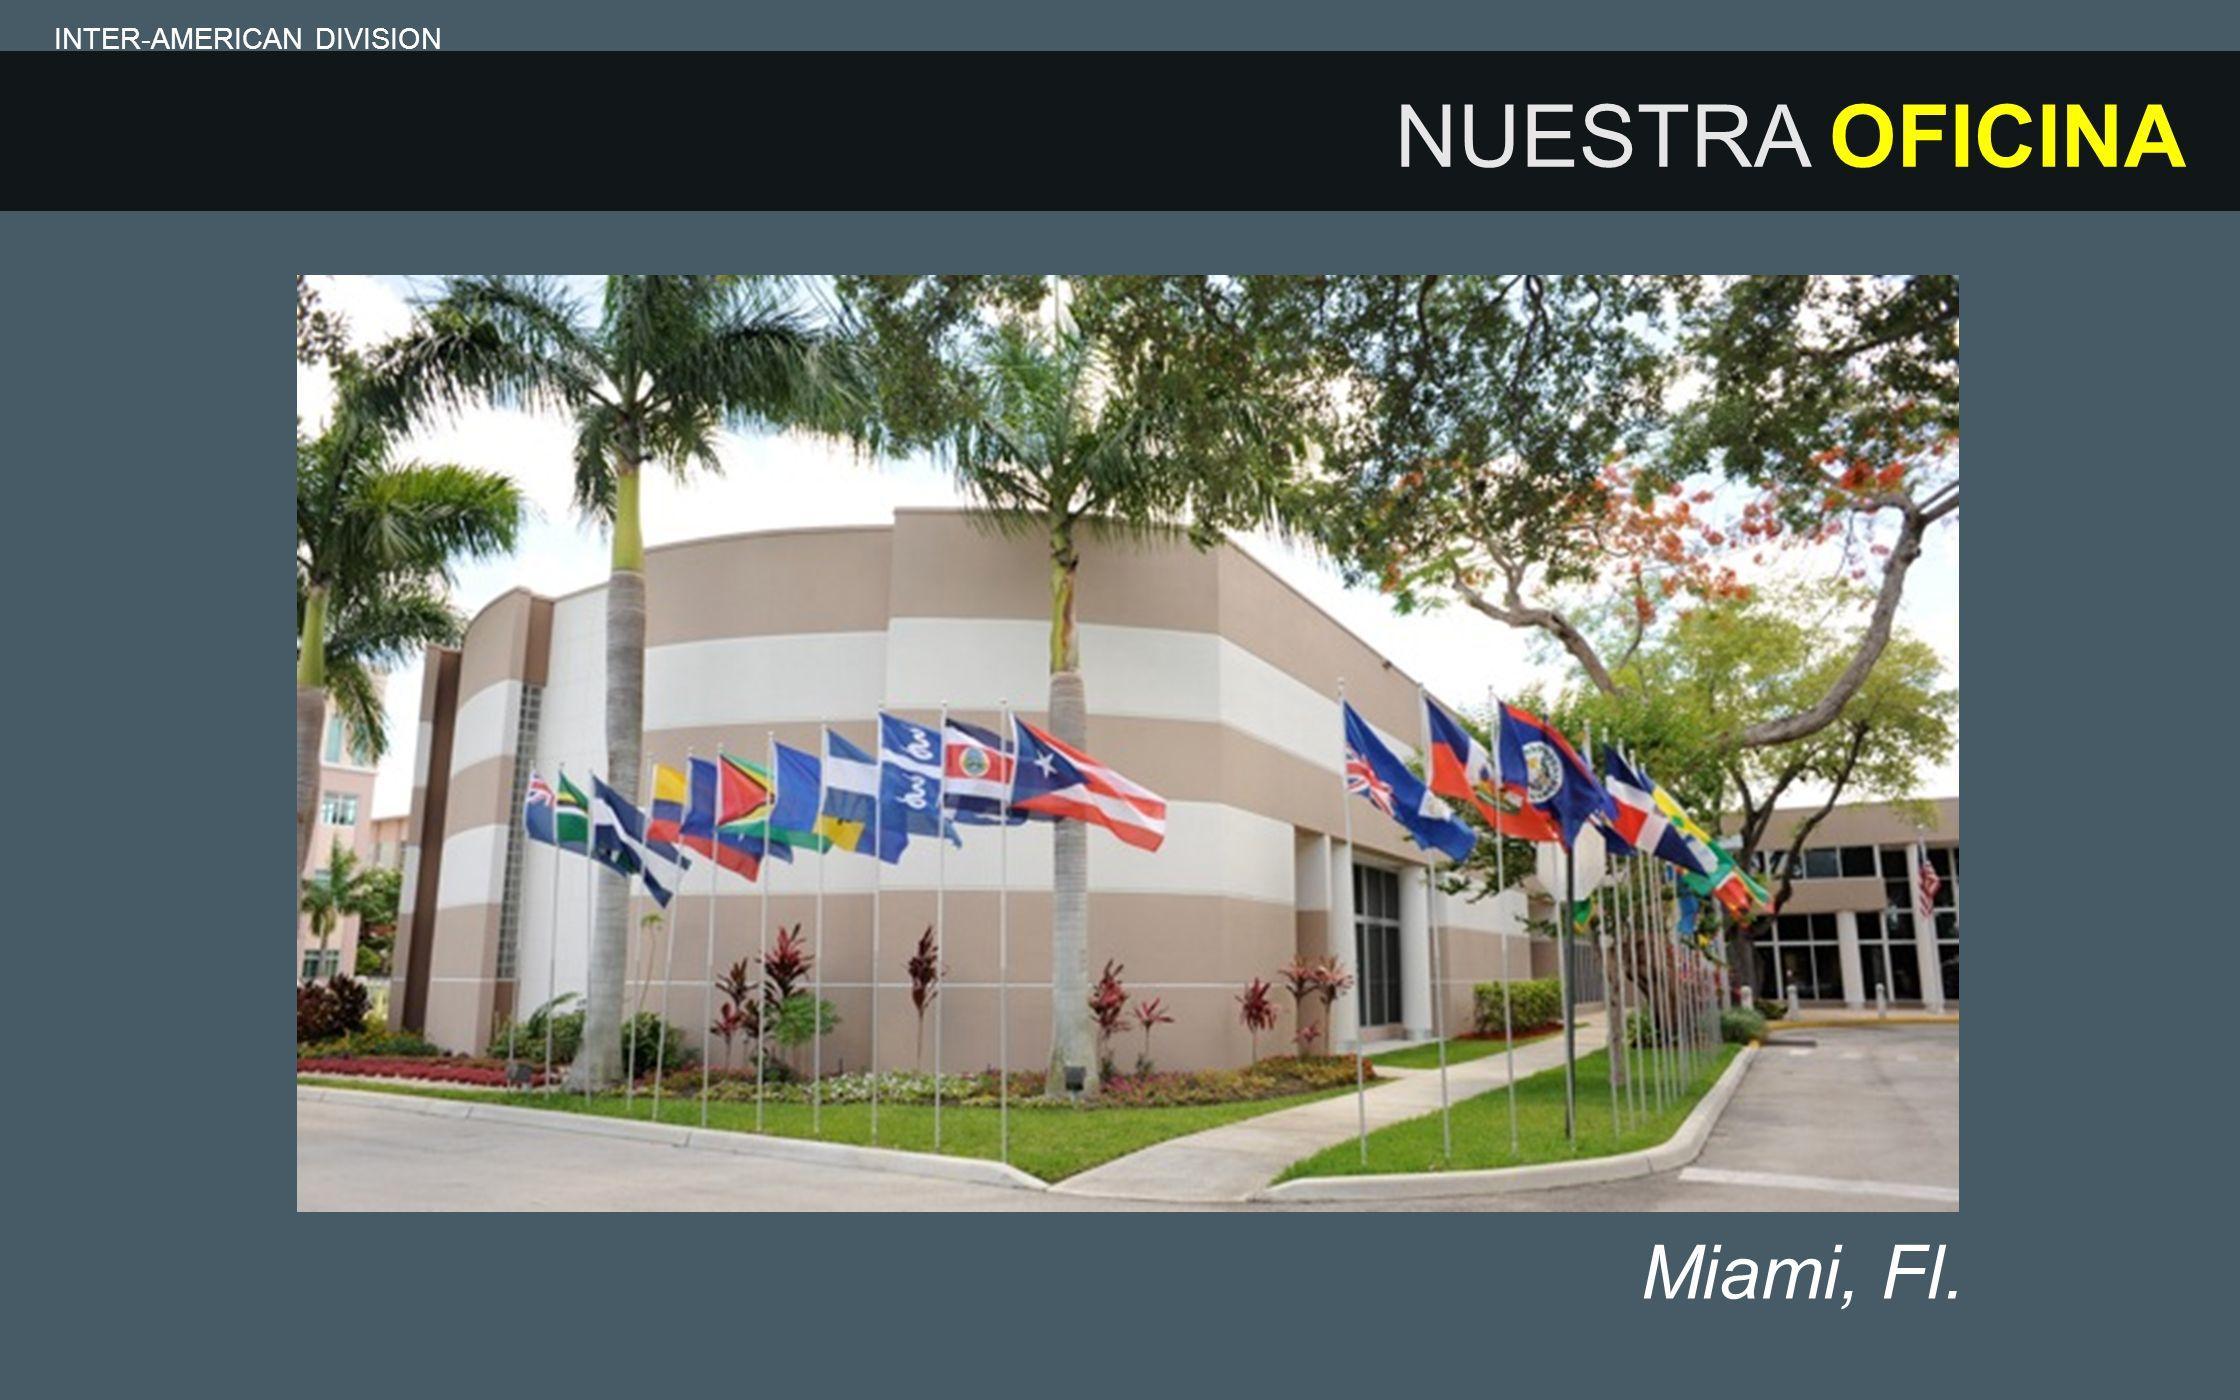 NUESTRA OFICINA INTER-AMERICAN DIVISION Miami, Fl.